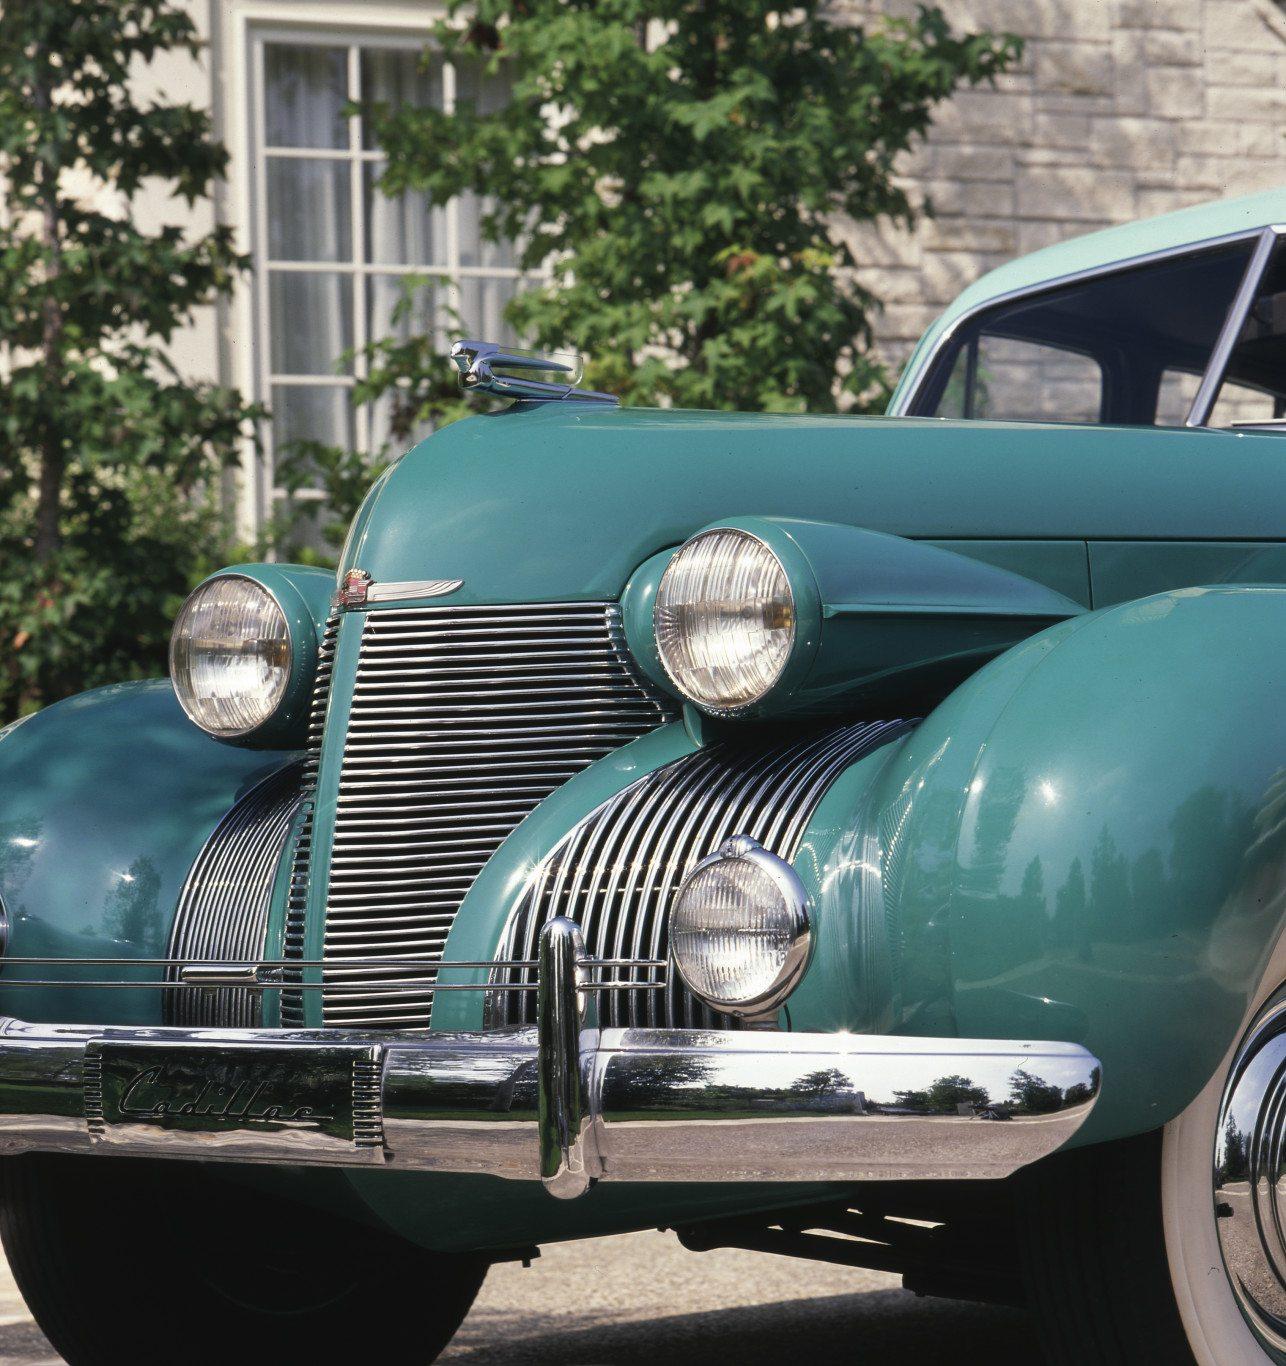 Classic Cars Of The Pre-War Era